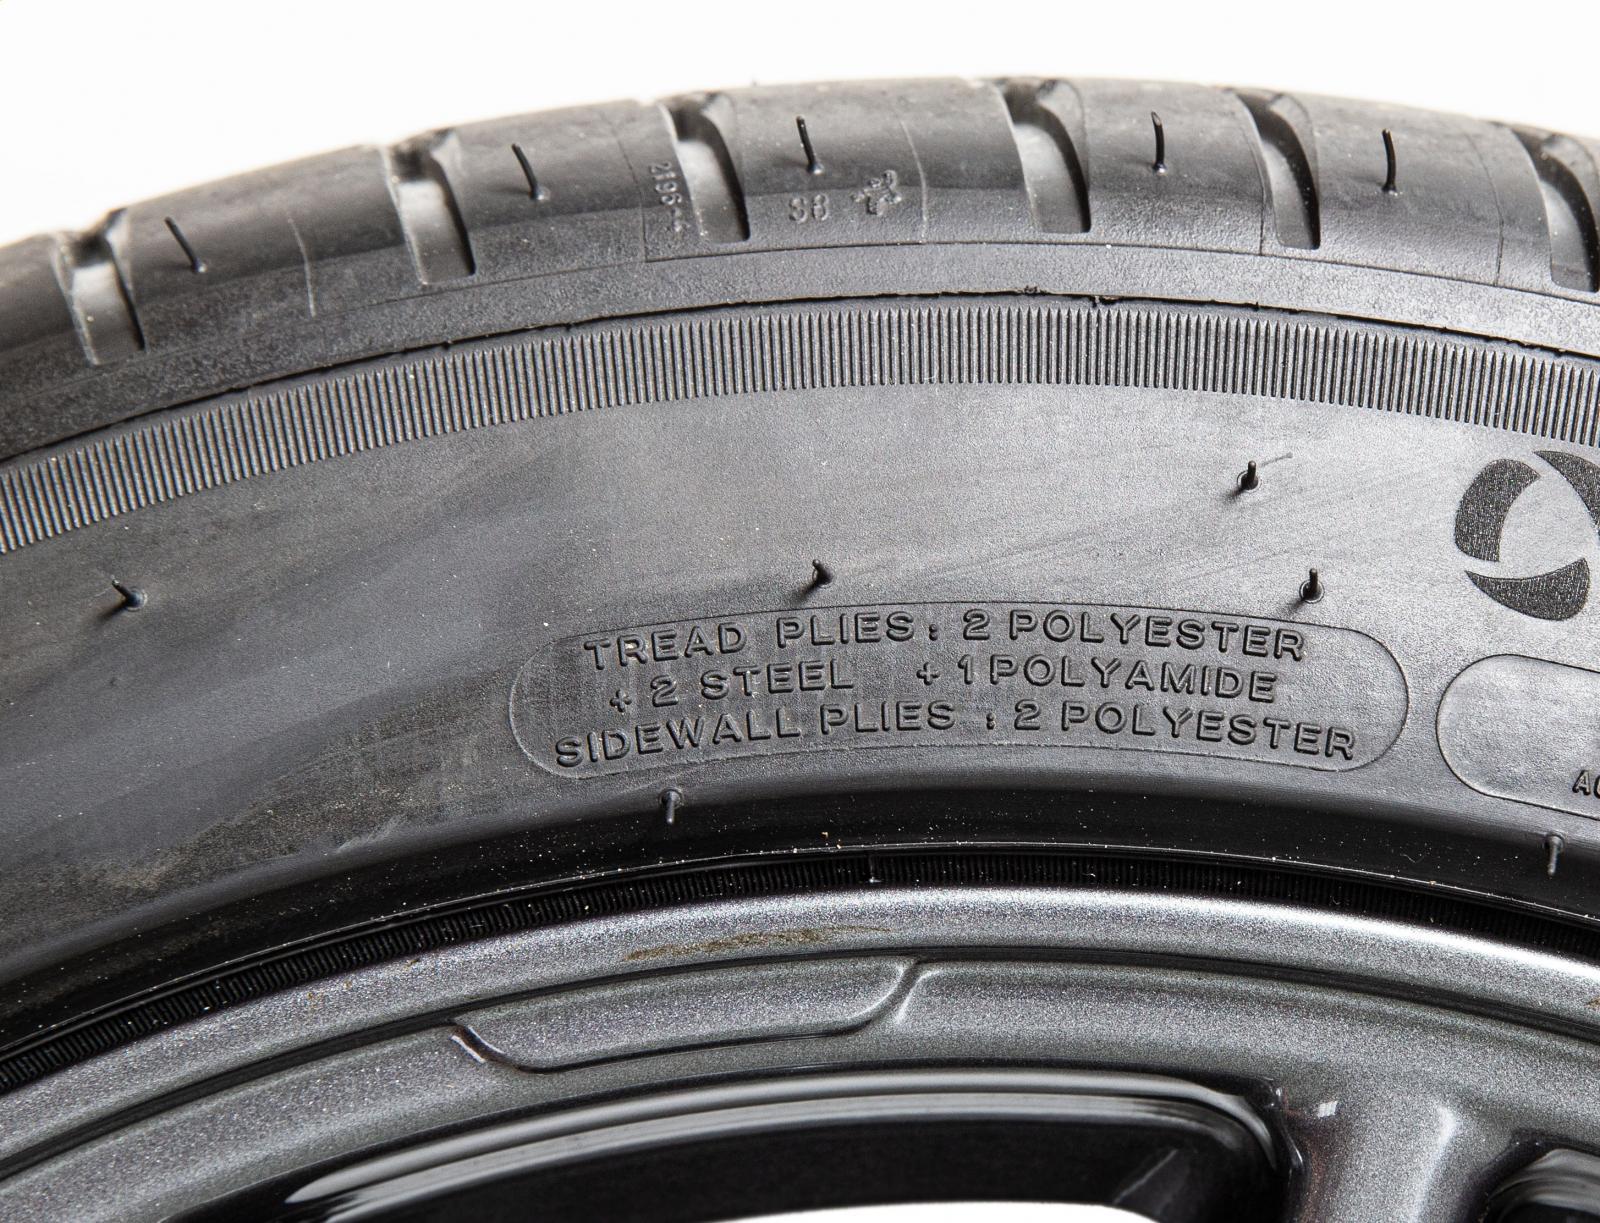 Vi Bilägares däckskola: Lär dig tyda siffrorna på däcken